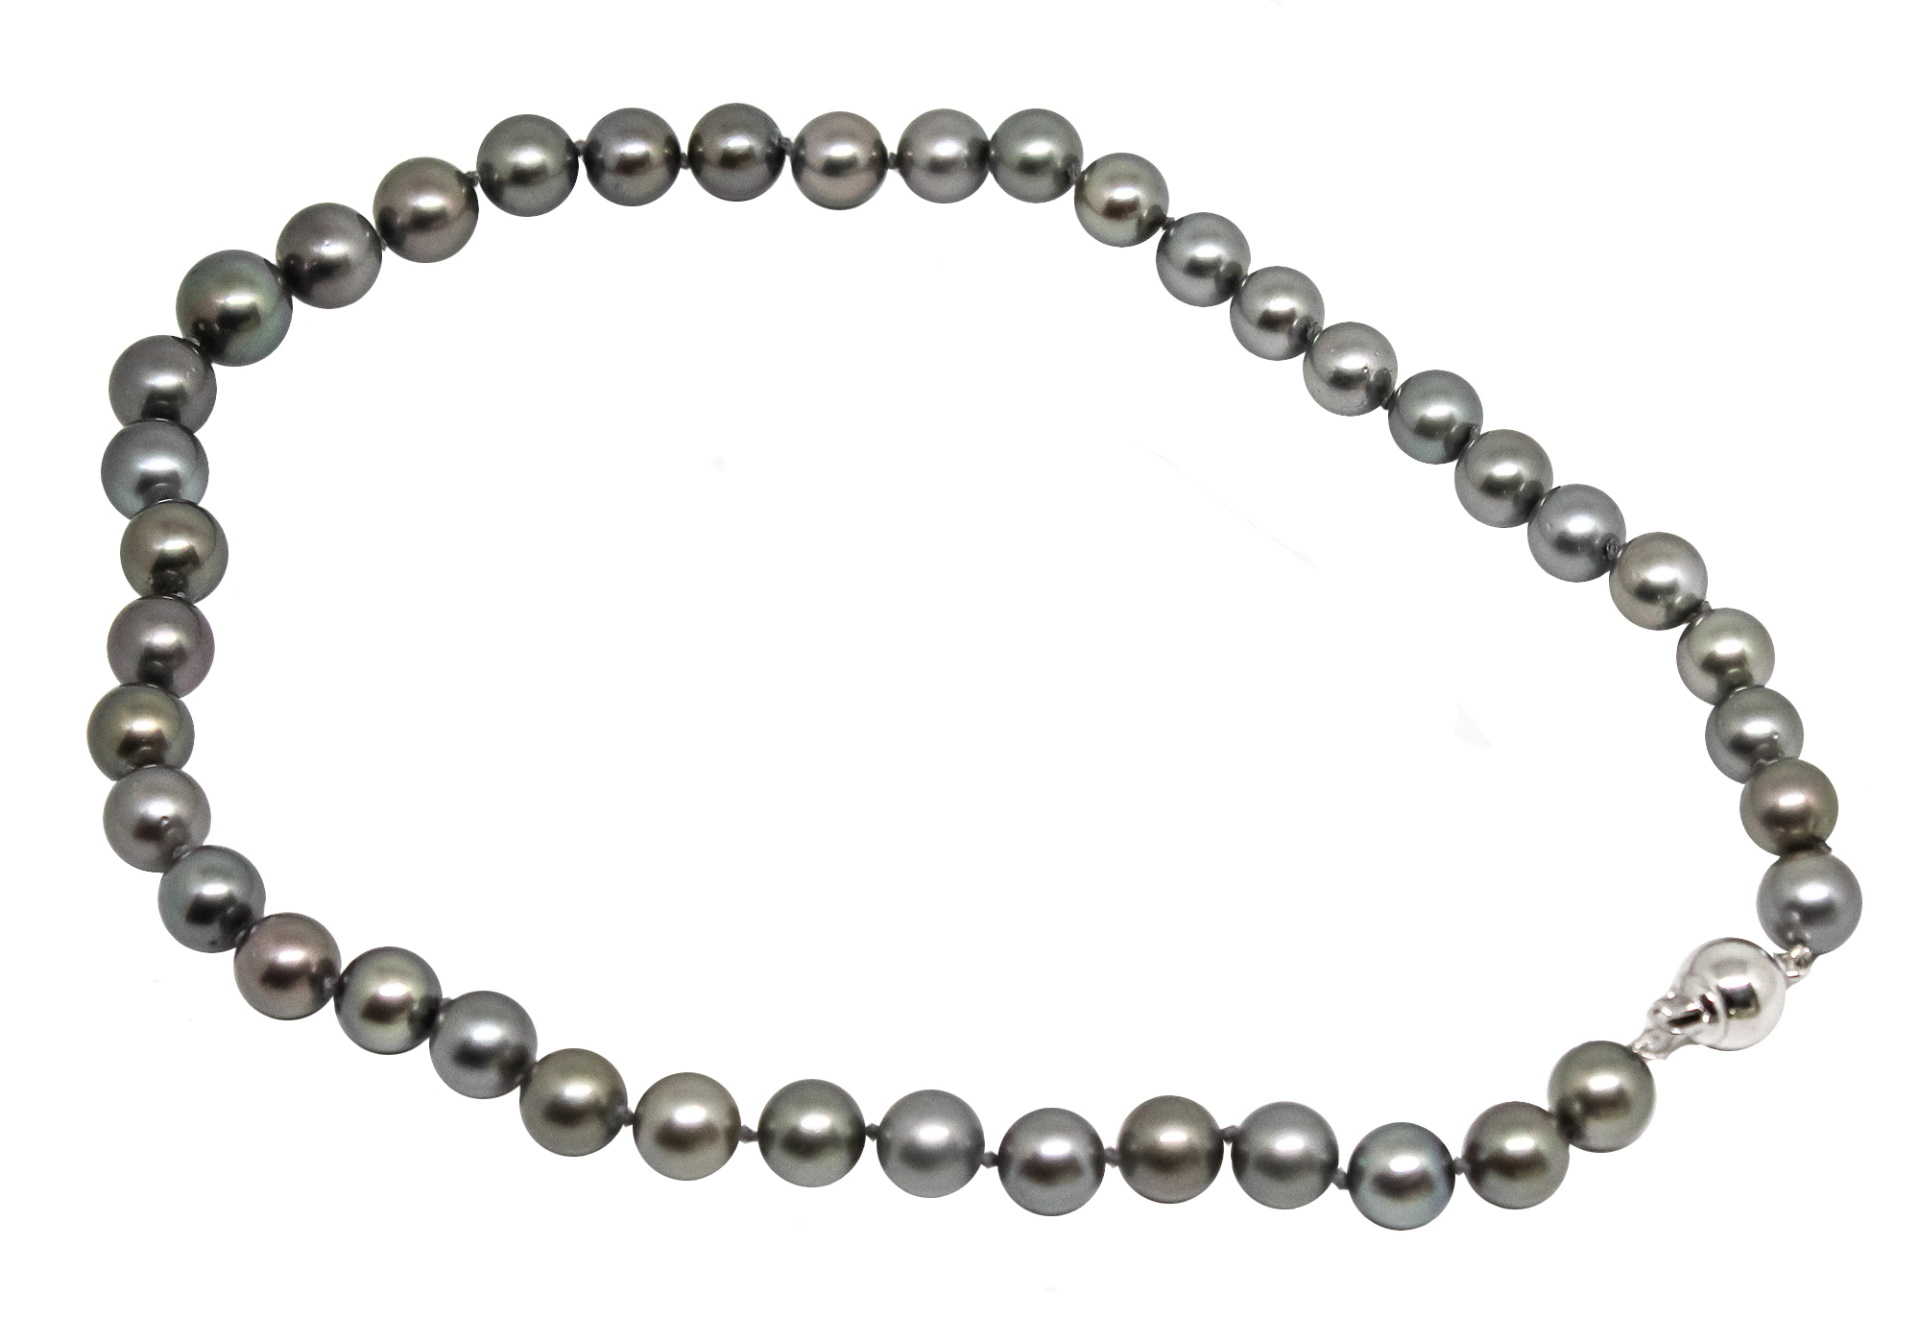 COLLIER35 COLLANA DONNA 41 PERLE TAHITI 2 1stAmerican jewerly collana in argento sterling con 41 perle tahiti Ø96x116mm con chiusura in